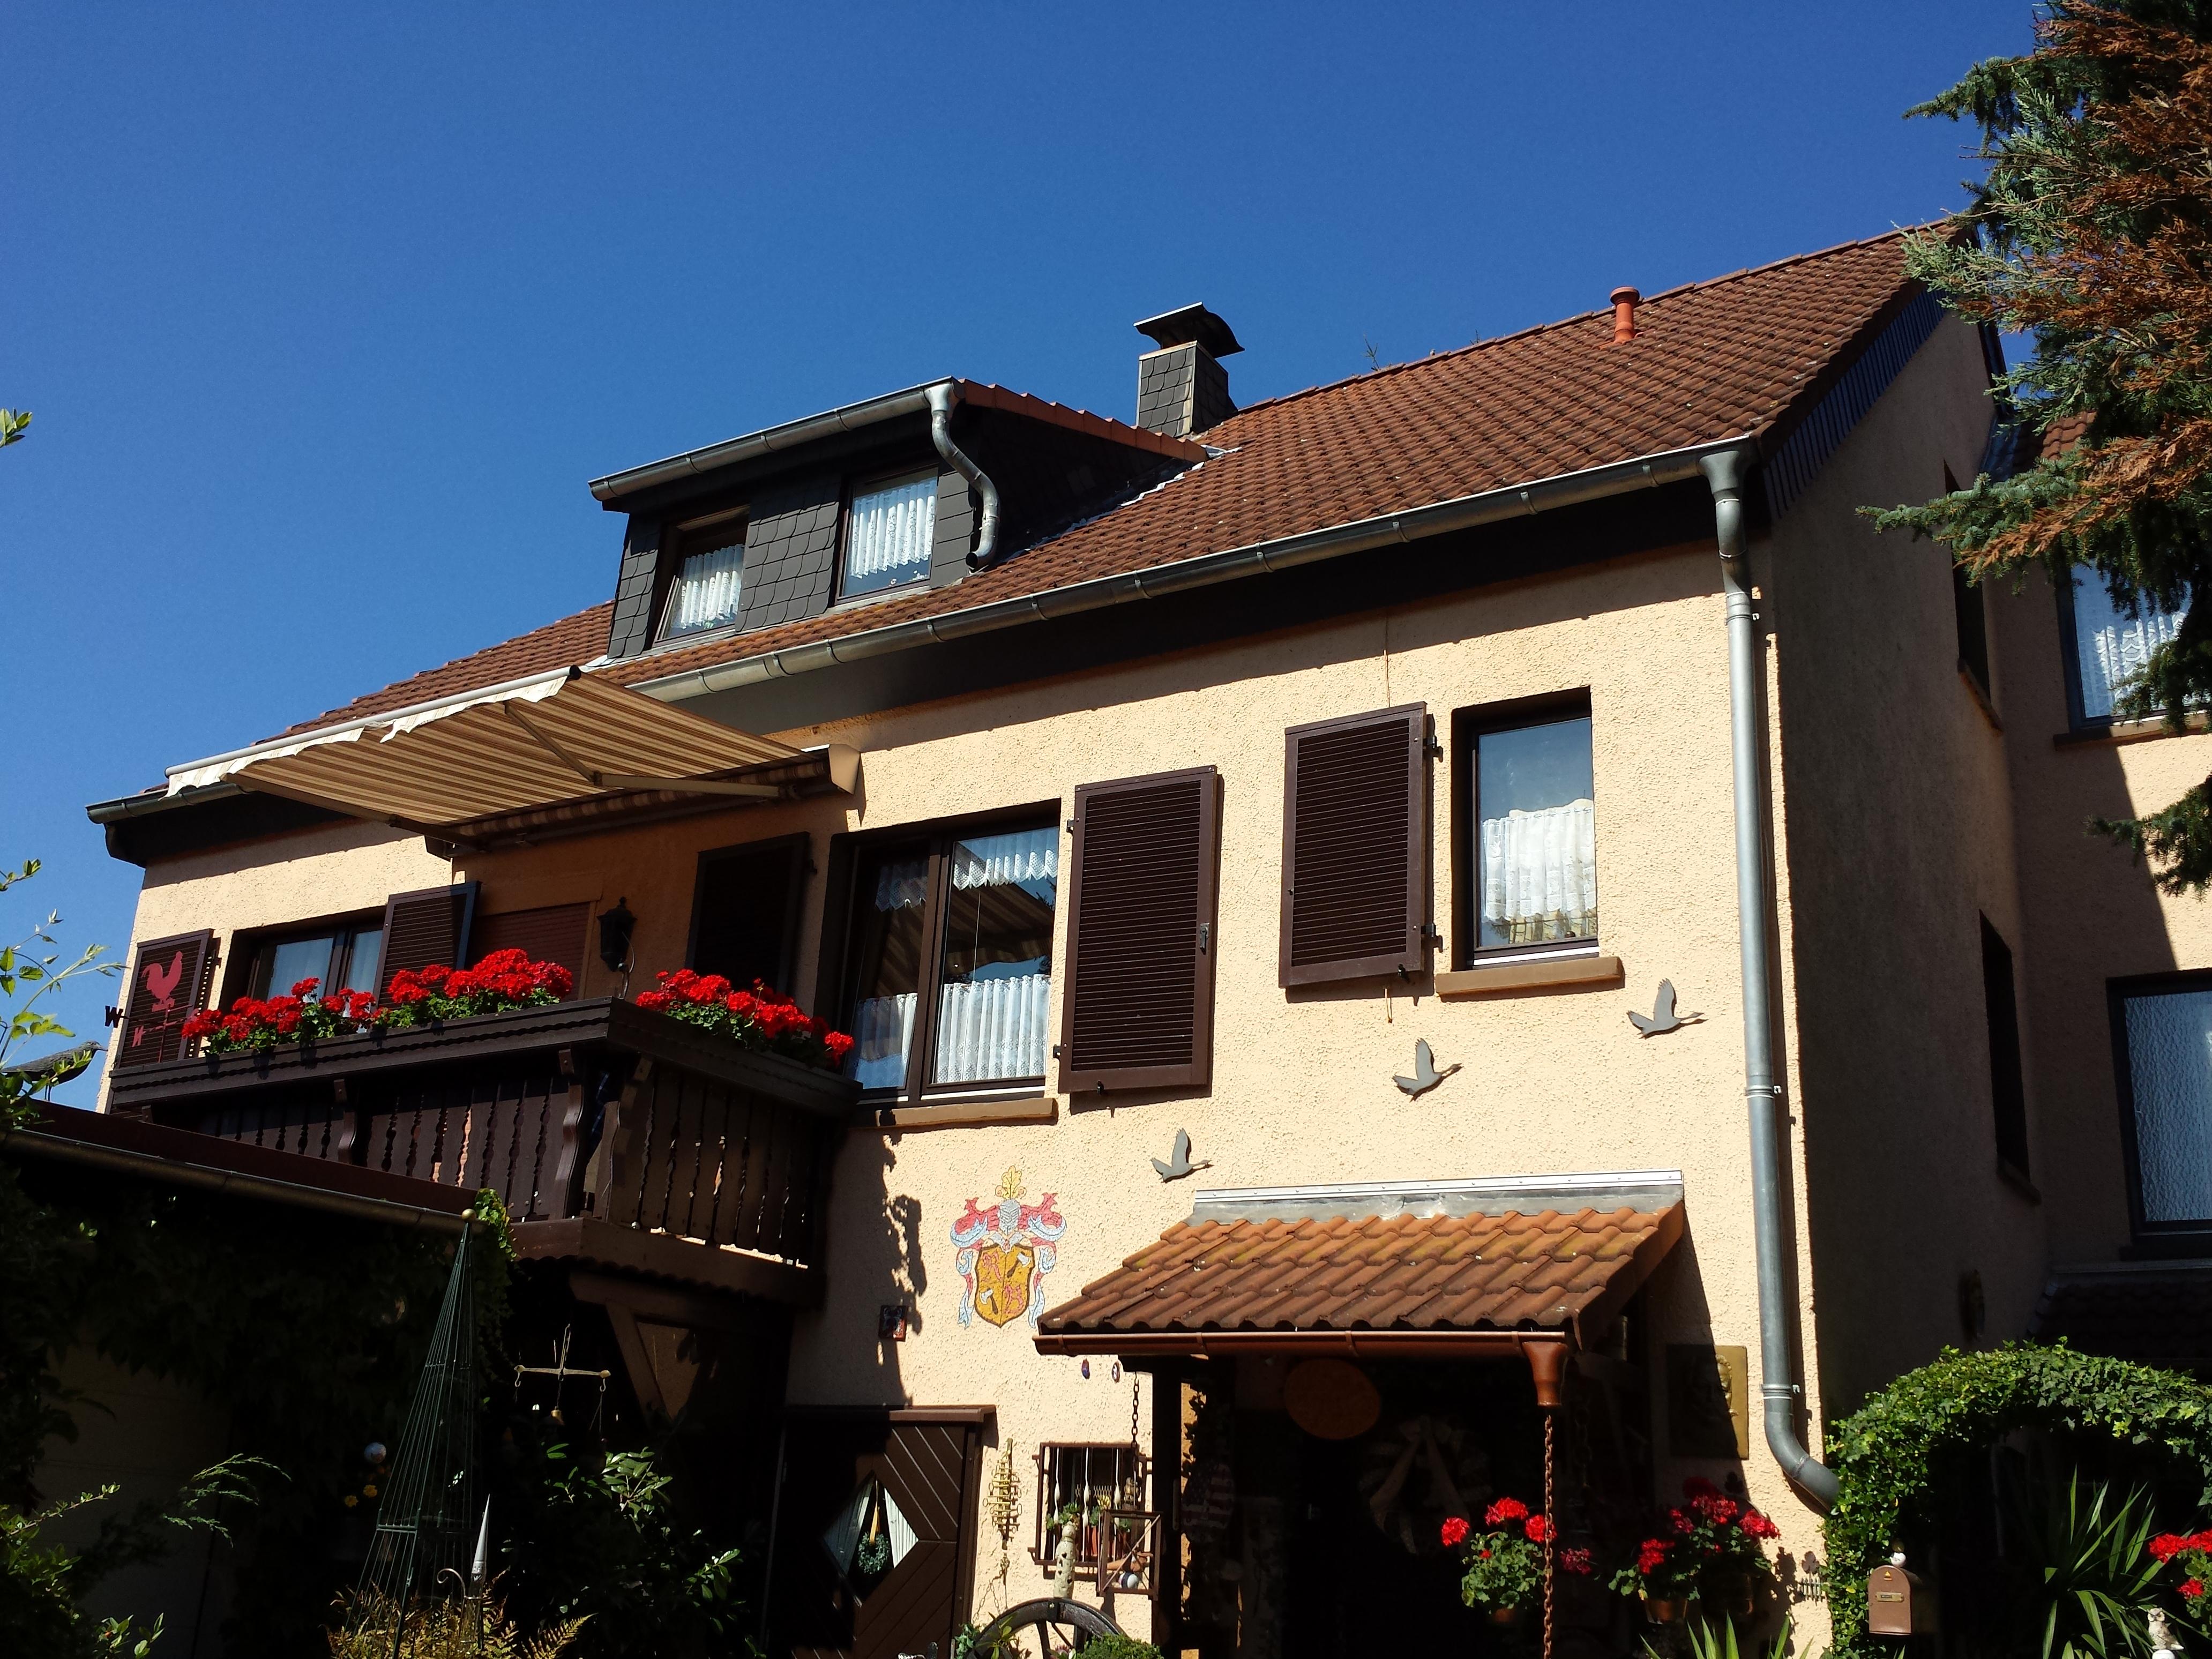 Bad Mainz for sale house bad kreuznach mainz germany im spelzgrund 15 55545 bad kreuznach germany